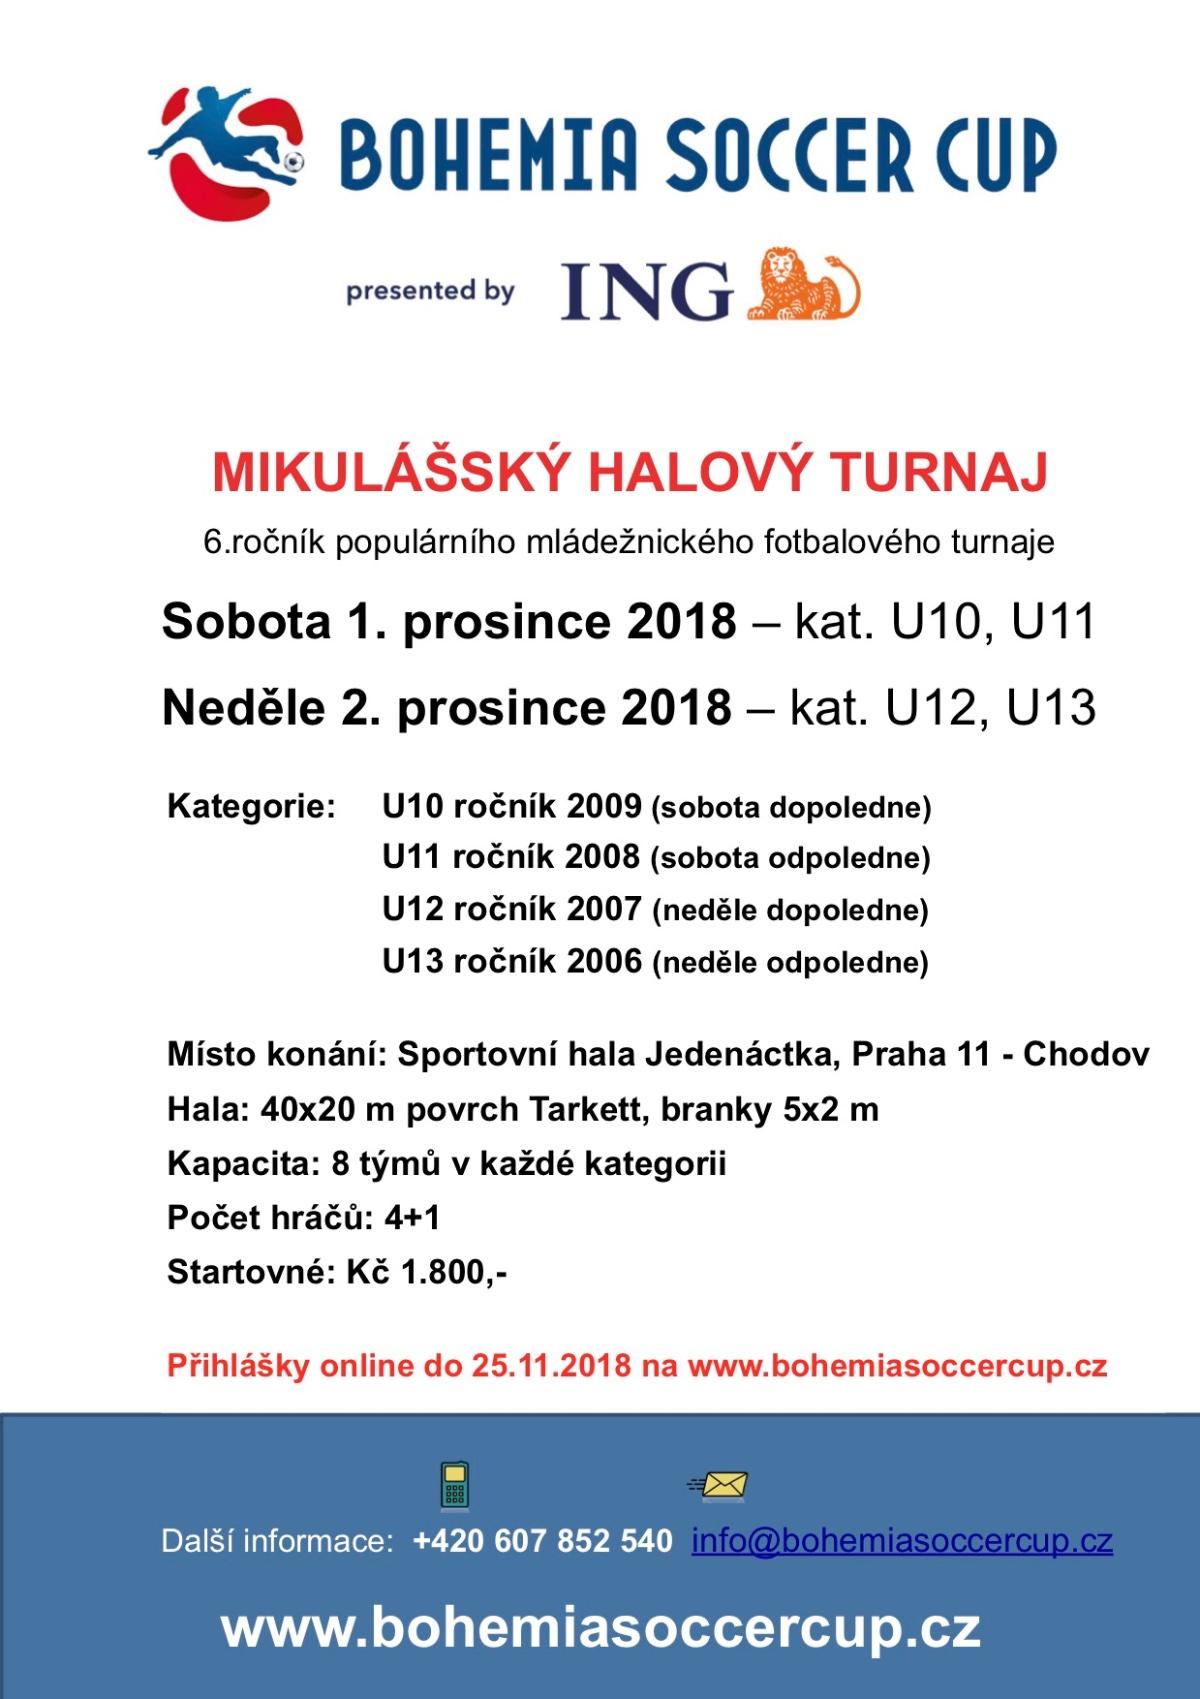 Mikulášský halový turnaj ING Bohemia Soccer Cup 2018